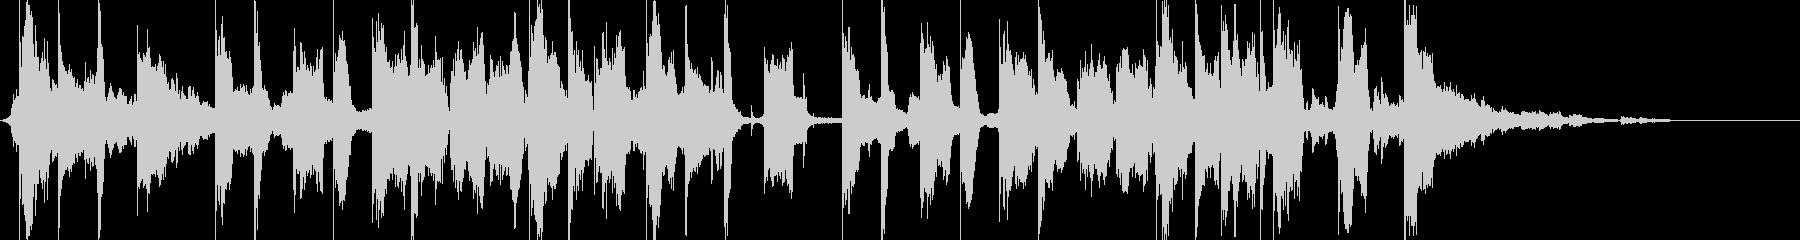 エレクトロサウンド15秒CM楽曲。の未再生の波形